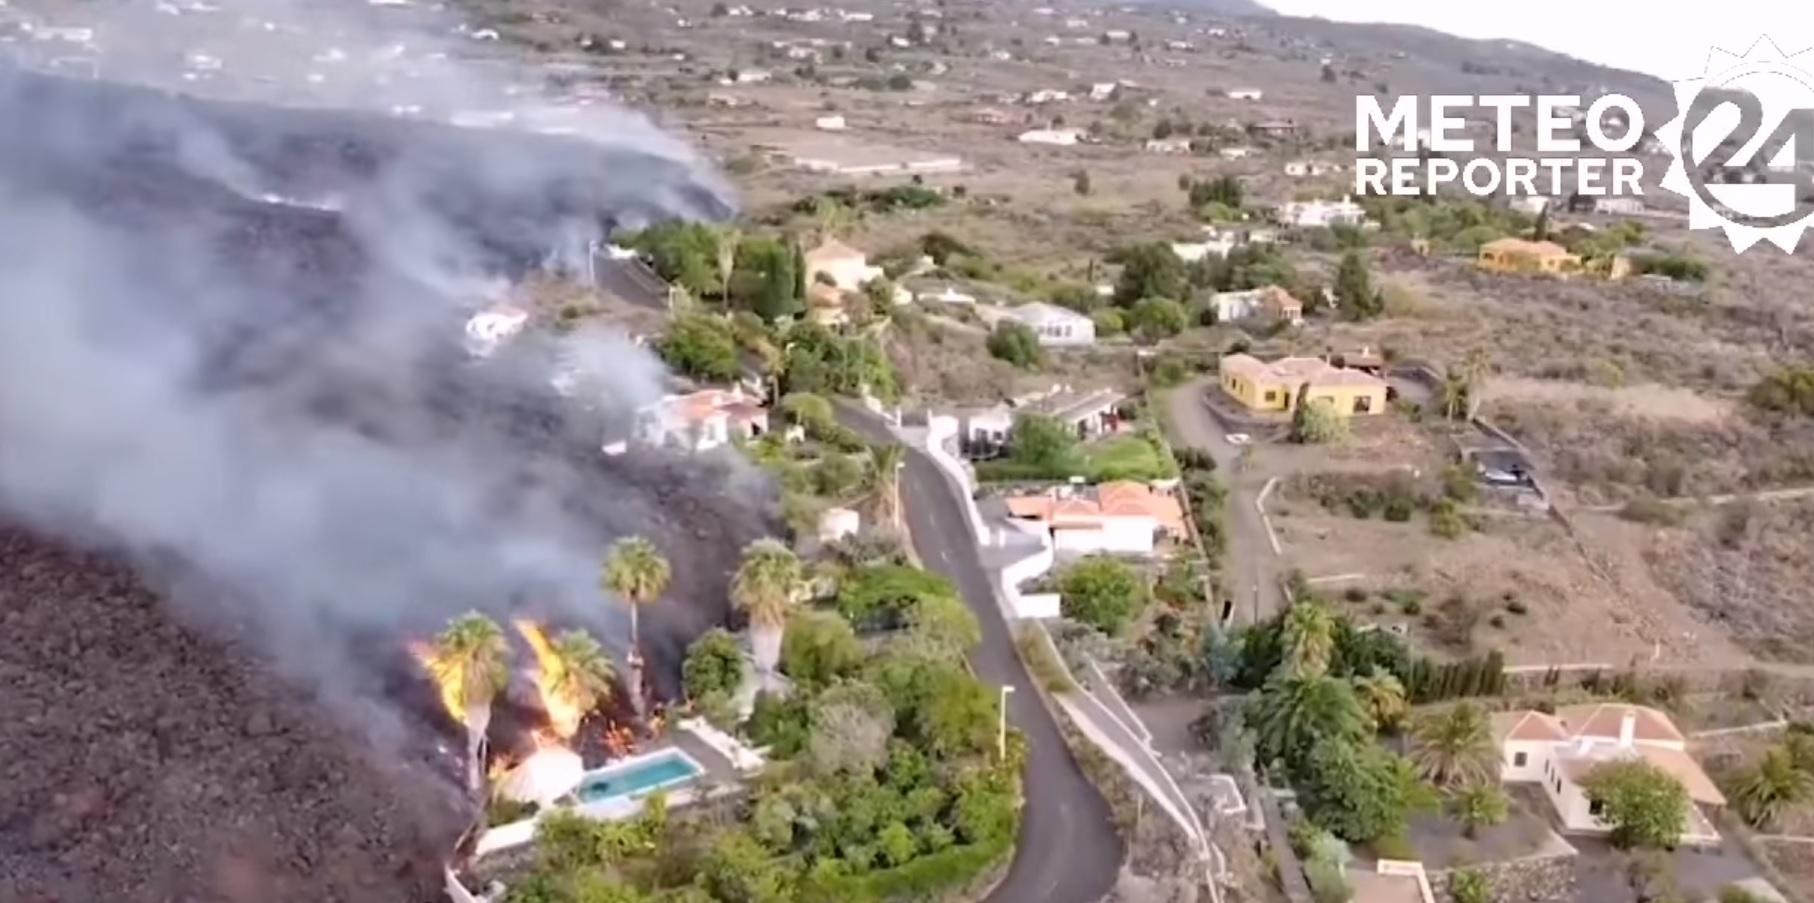 Eruzione alle Canarie, devastazione su La Palma: la lava brucia e fa crollare anche le case